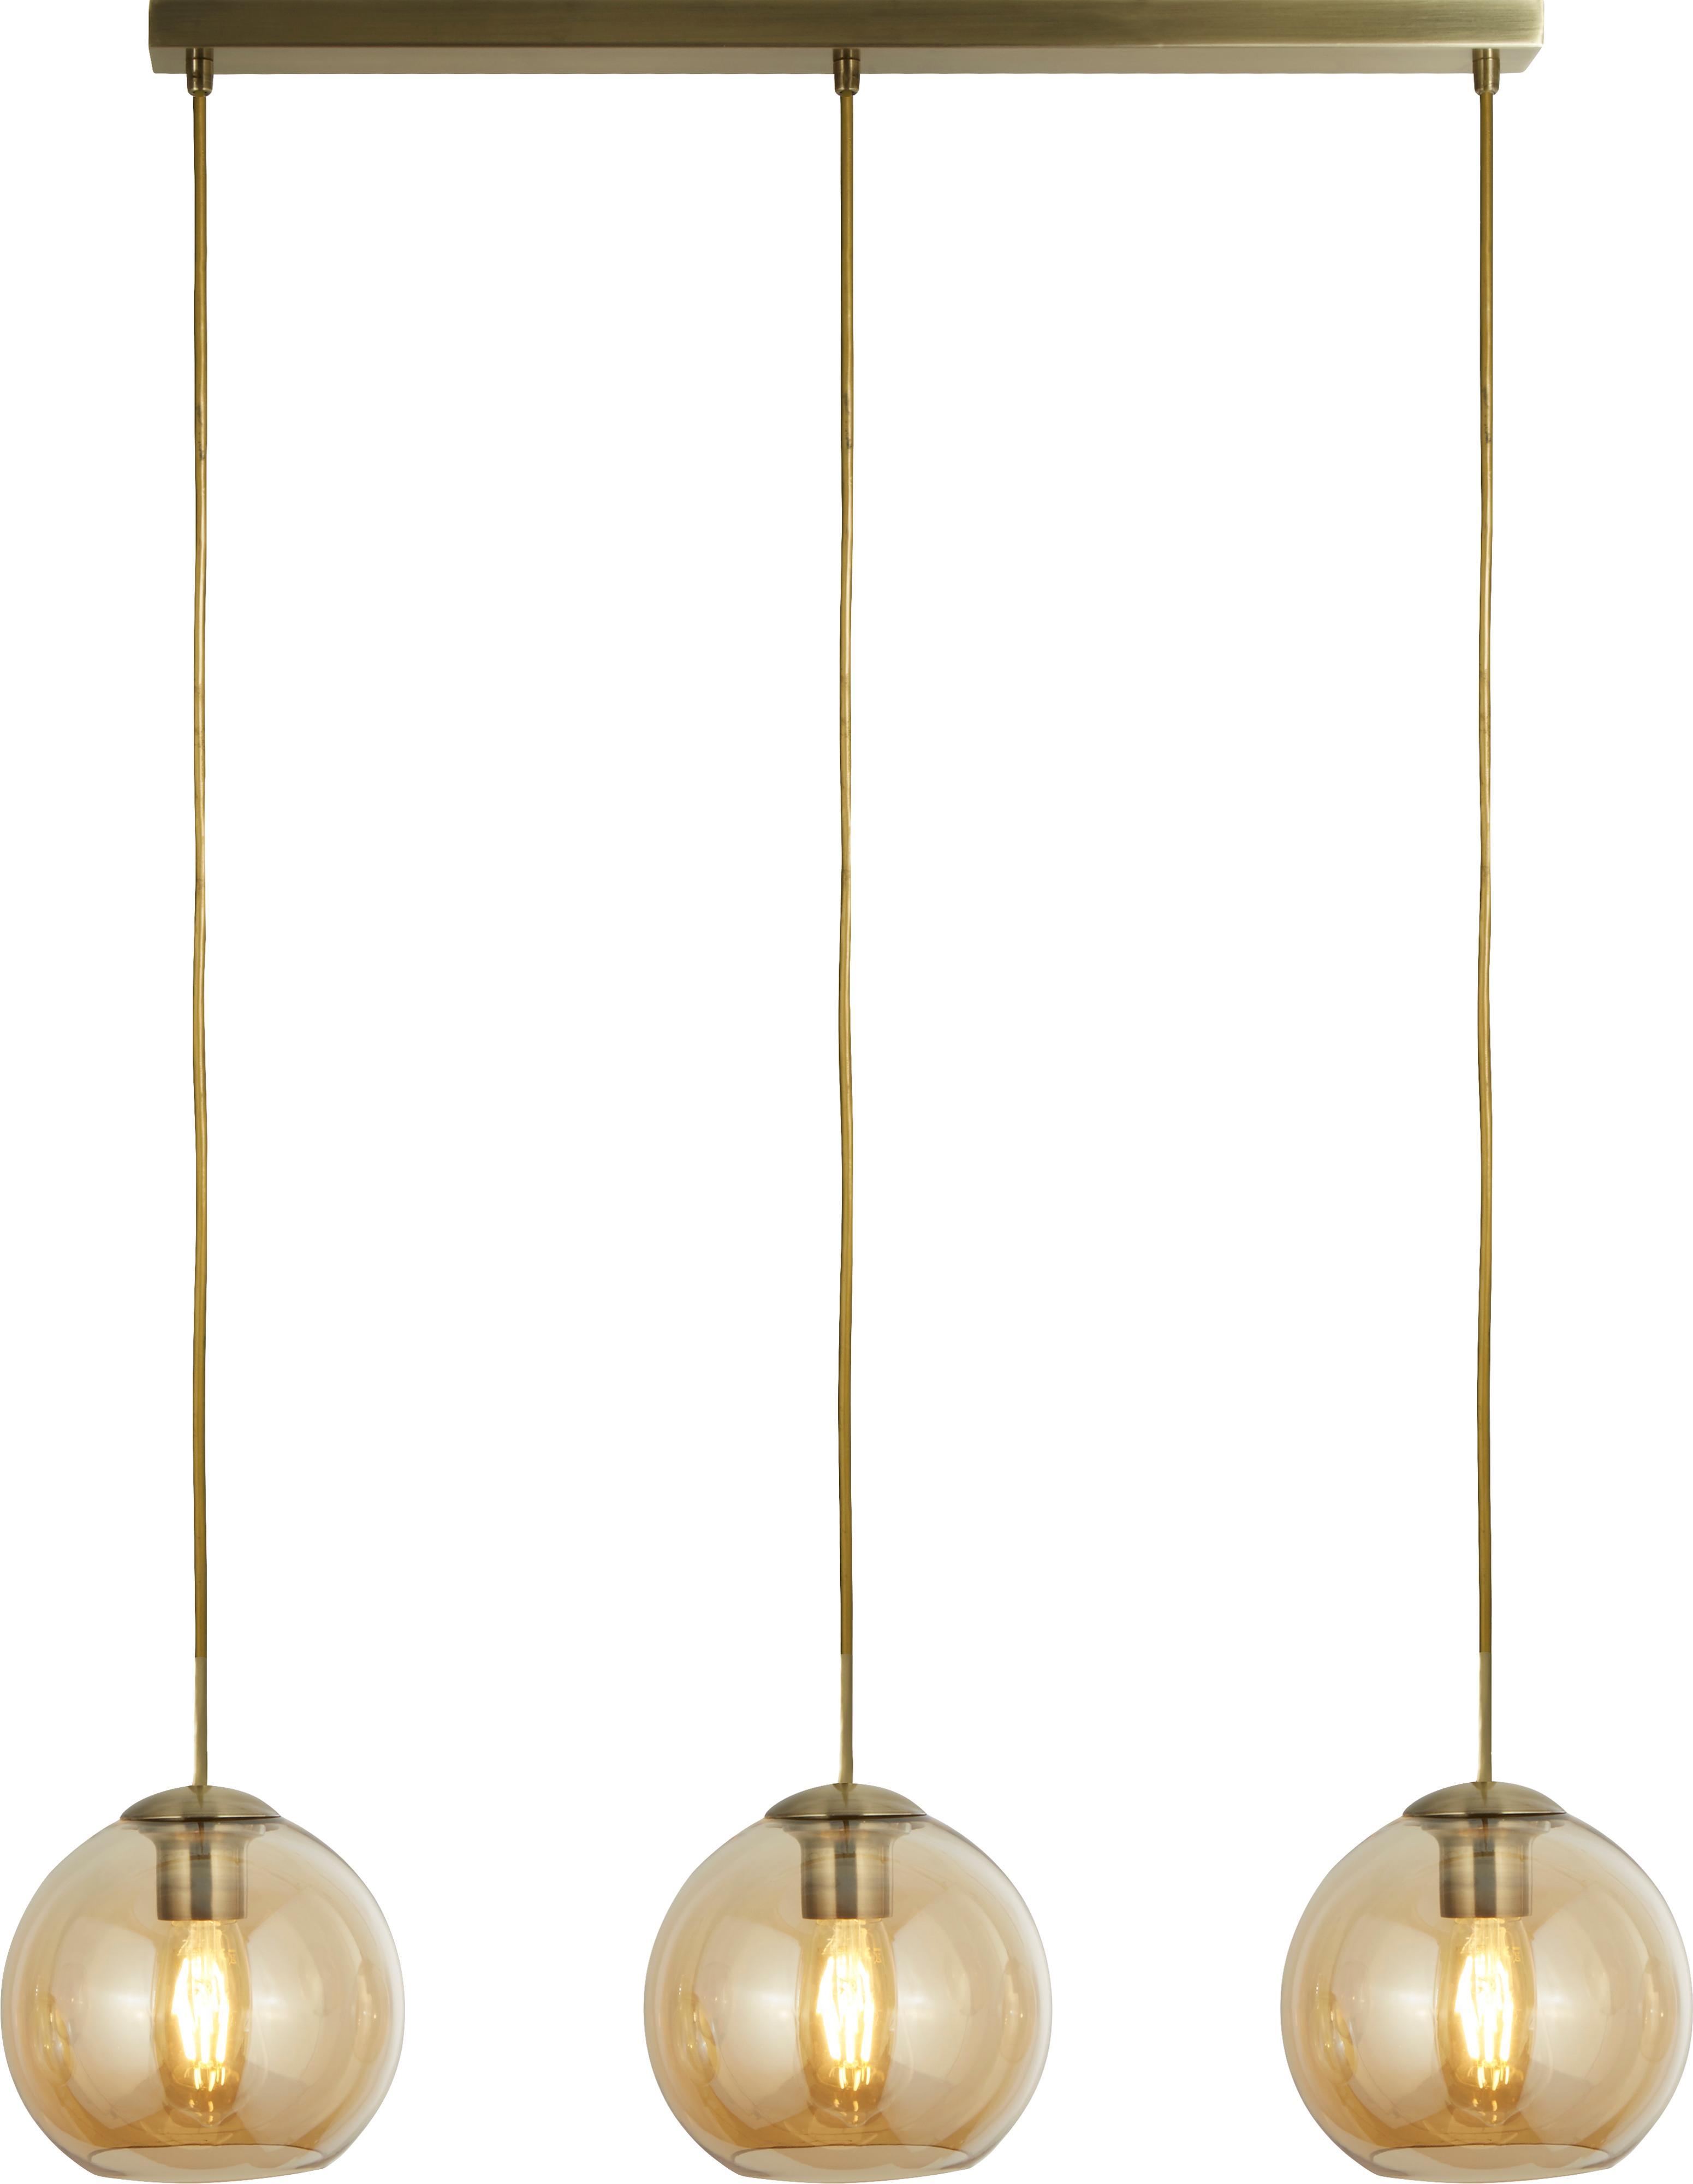 Pendelleuchte Zoe aus Glas, Metall, beschichtet, Glas, Goldfarben, Bernsteinfarben, transparent, 70 x 20 cm